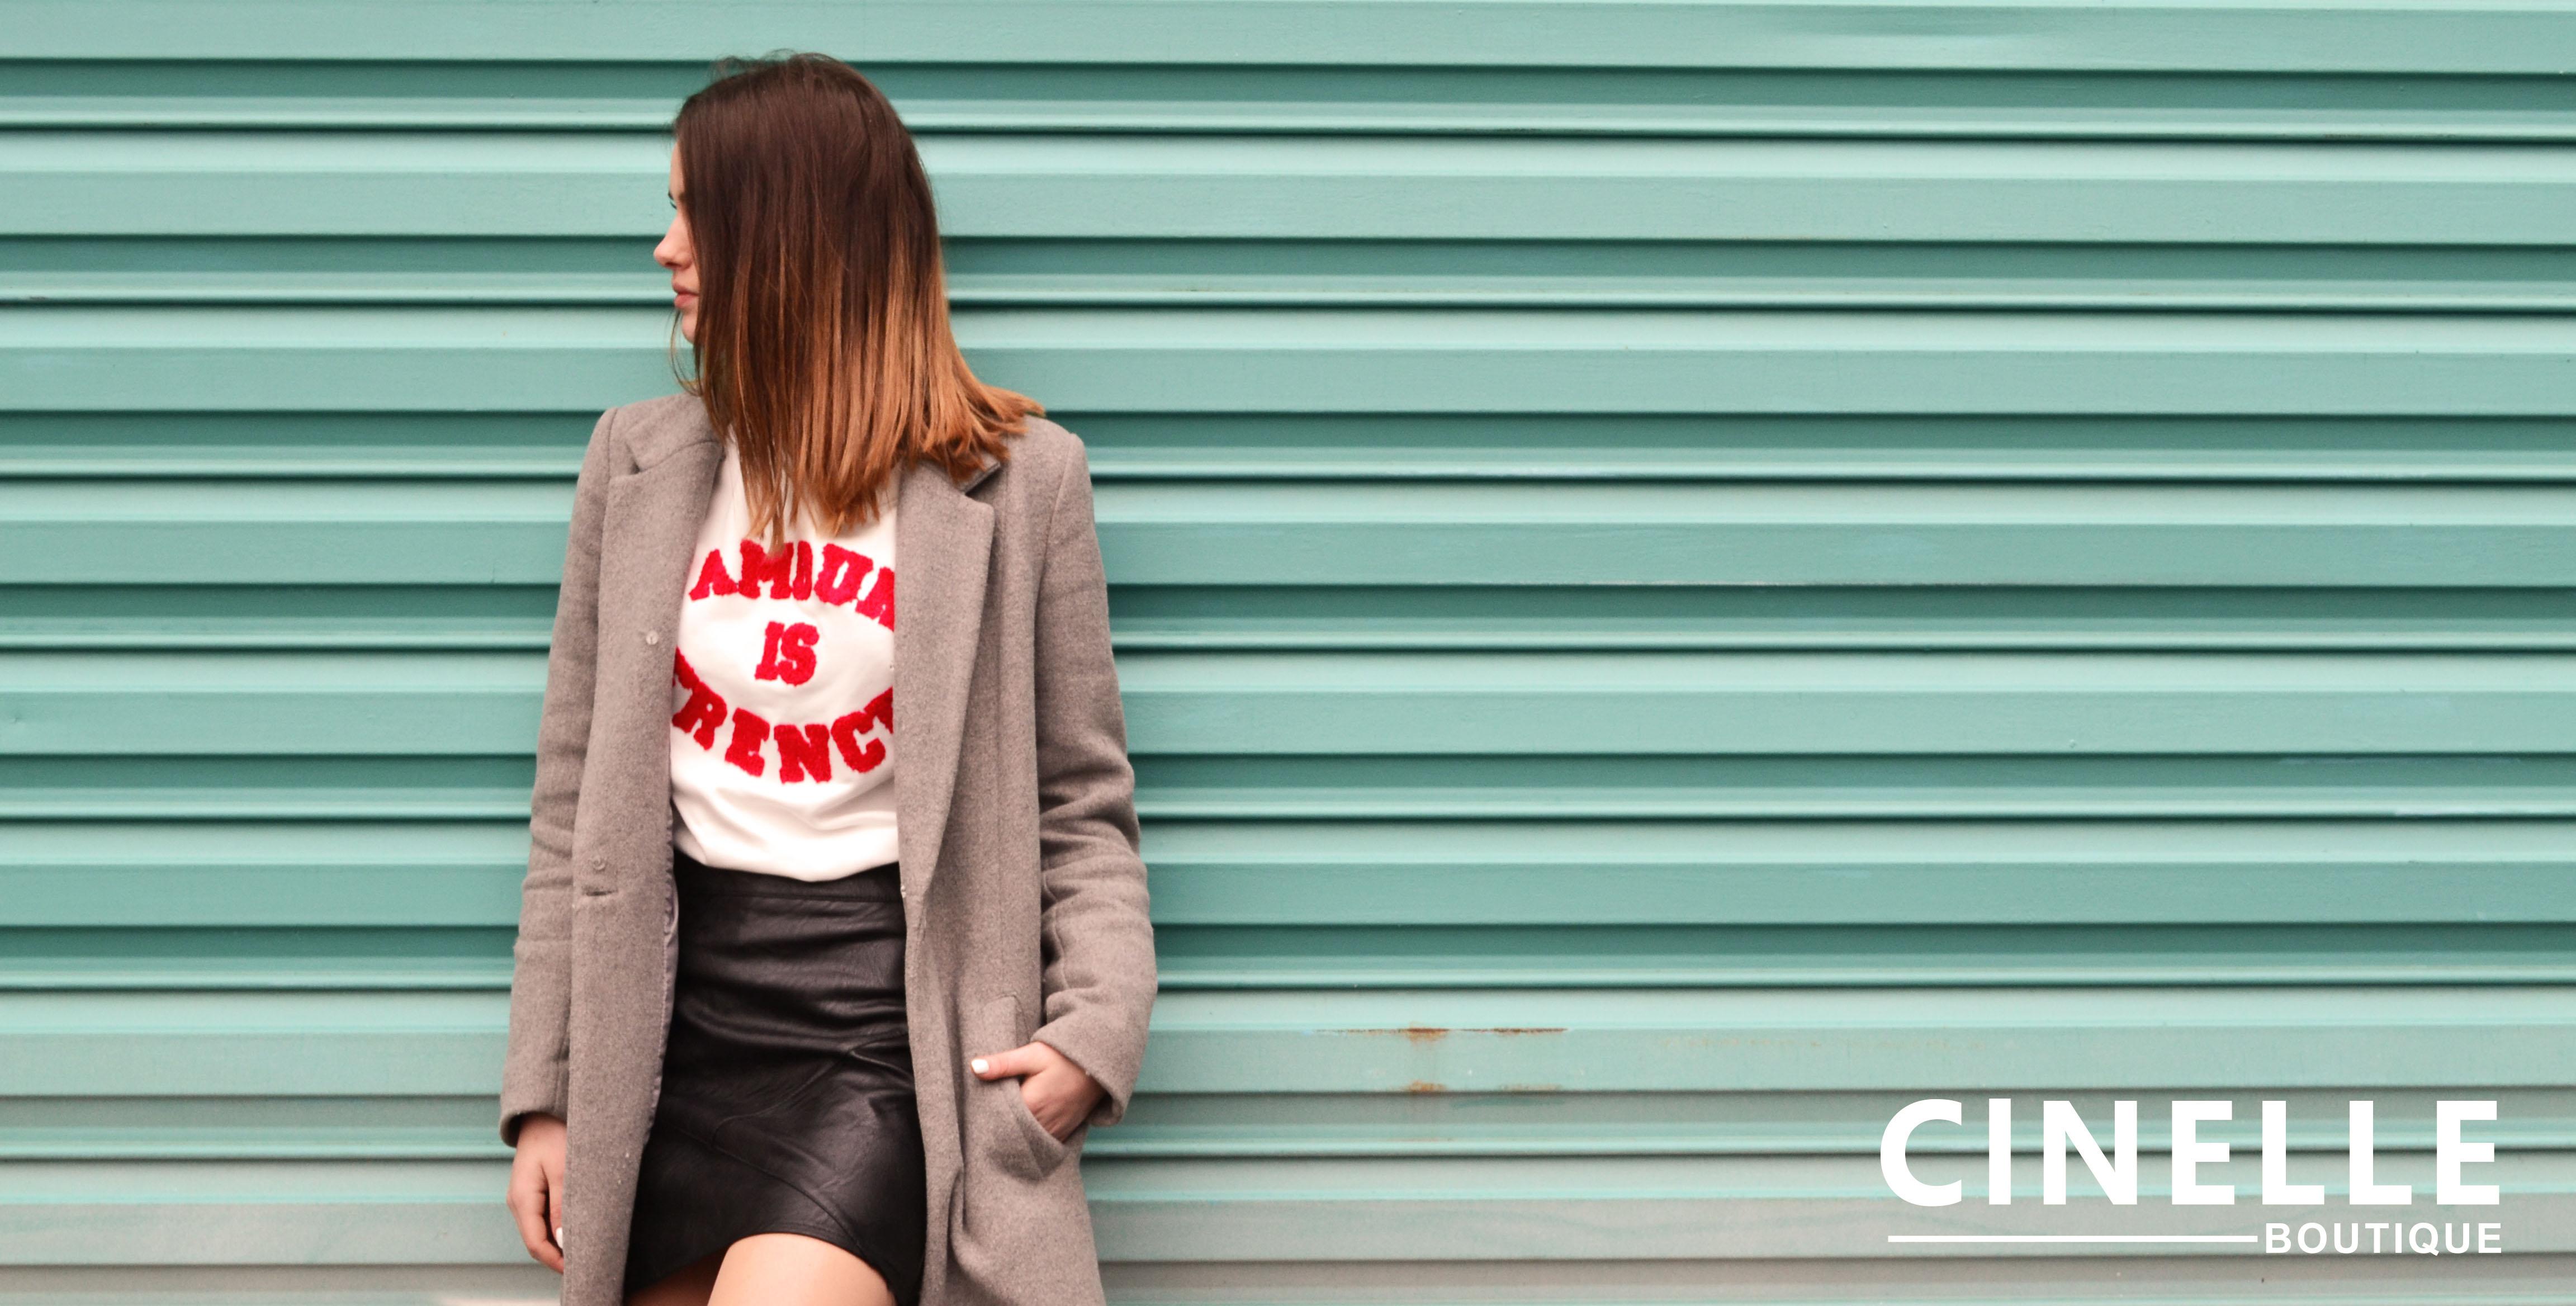 cinelle boutique site de mode pas cher